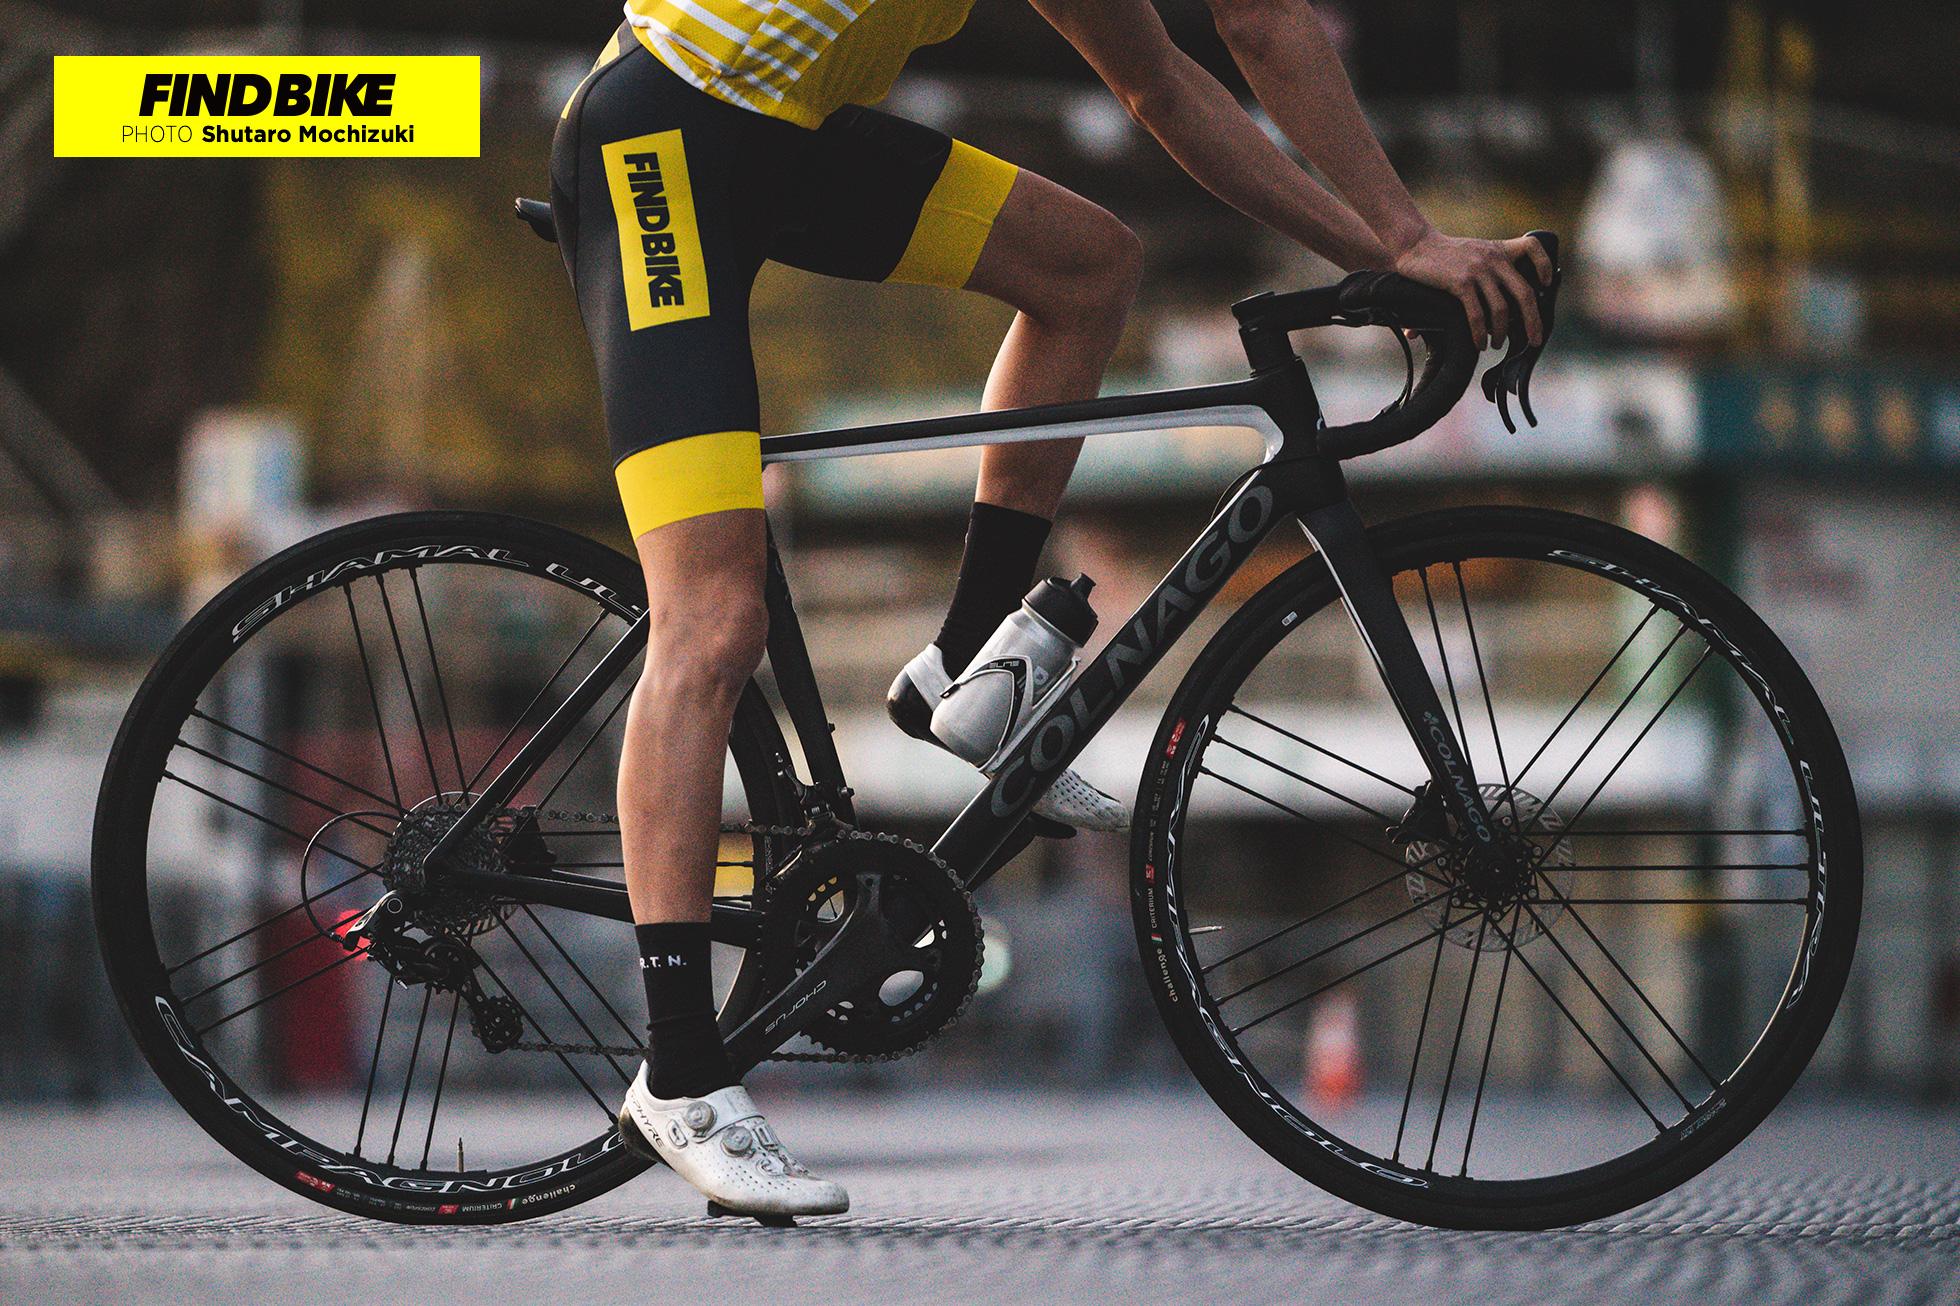 【性能、デザイン、全てにおいて至高の1台】ツール・ド・フランスを制した「コルナゴ V3RS」